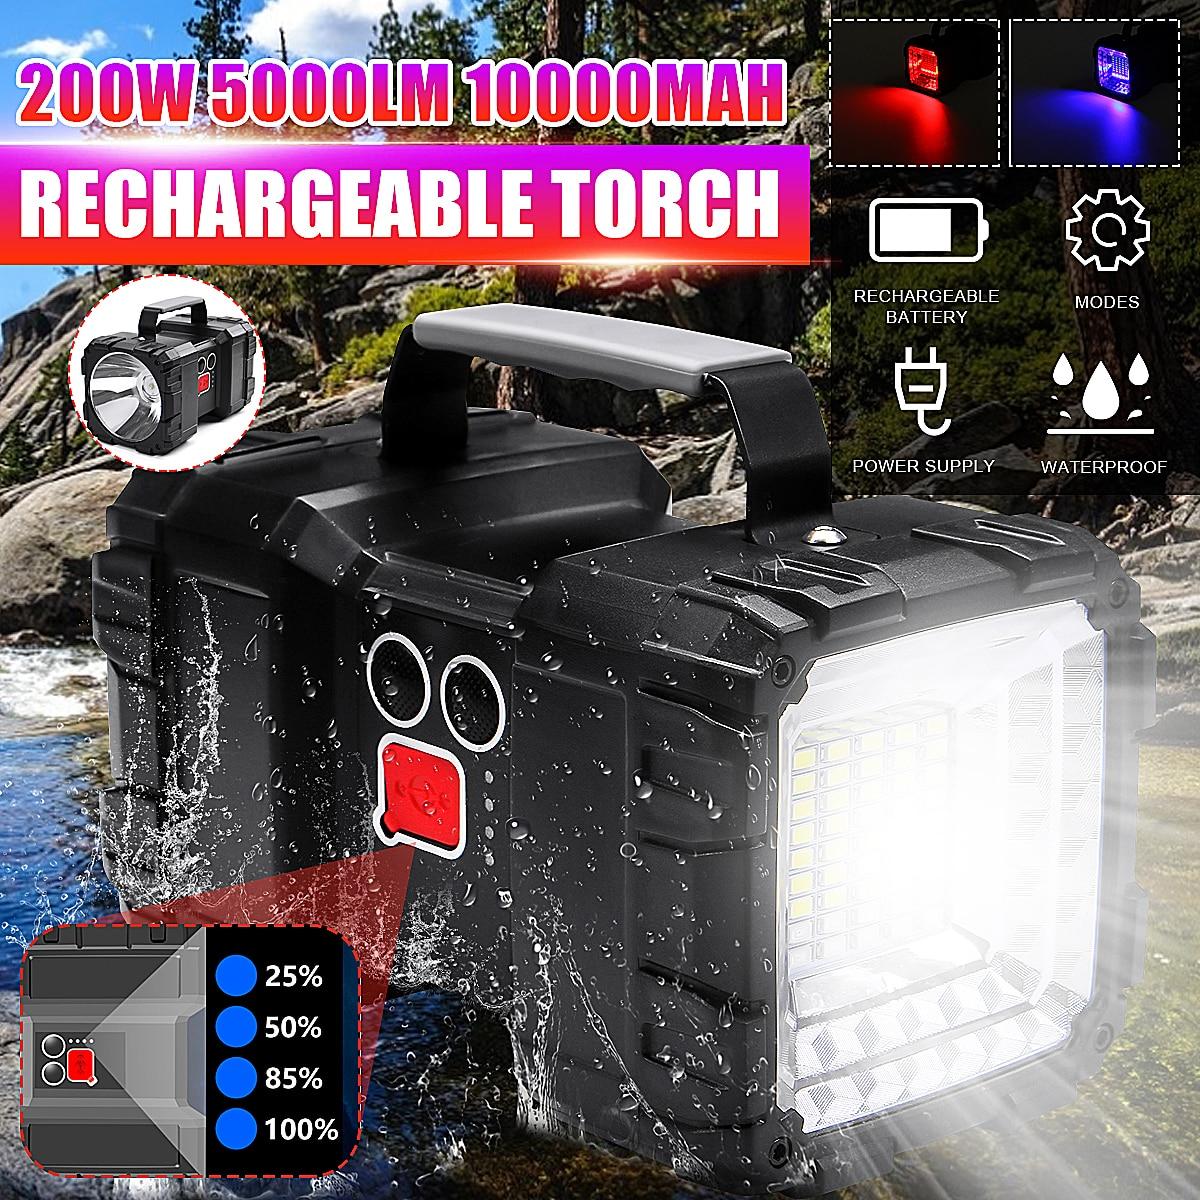 5000LM 슈퍼 밝은 강력한 USB LED 손전등 검색 횃불 밤 빛 램프 손 캠핑 랜 턴 충전식 배터리